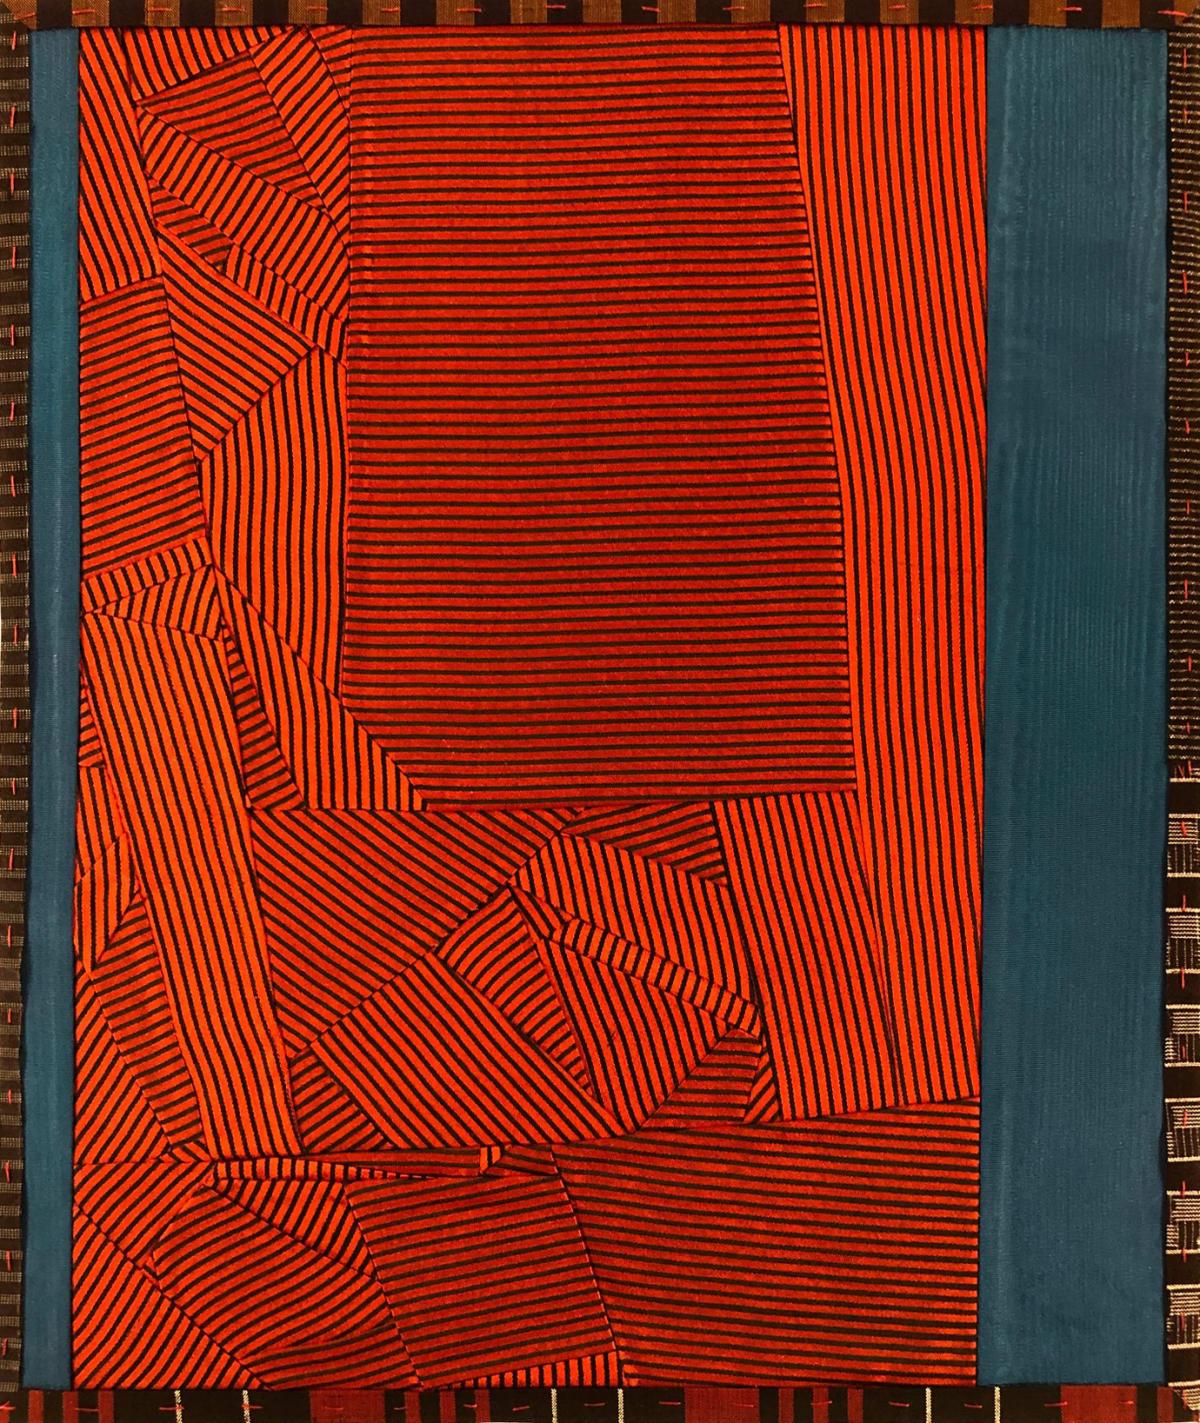 Debra Smith Talking Stories 8, 2020 pieced vintage silk 13 1/2 x 11 1/4 in